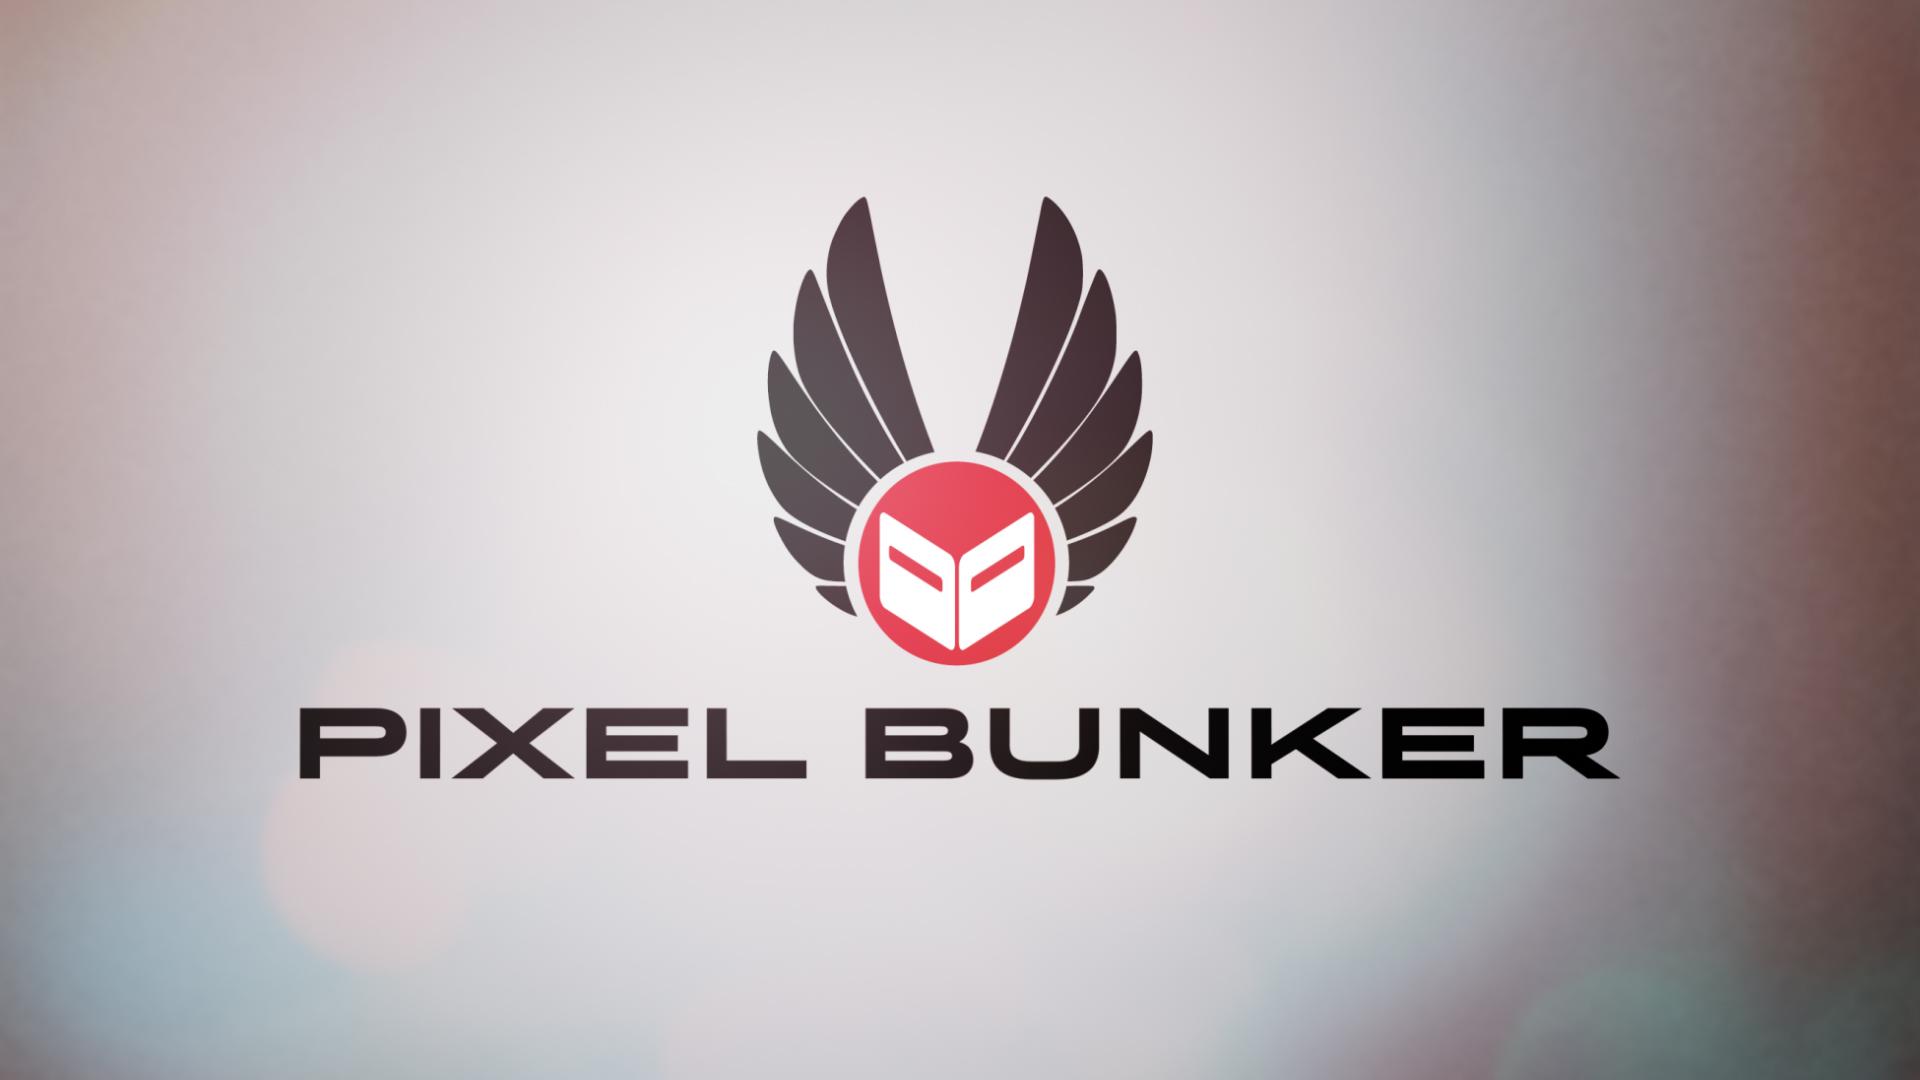 Pixel Bunker